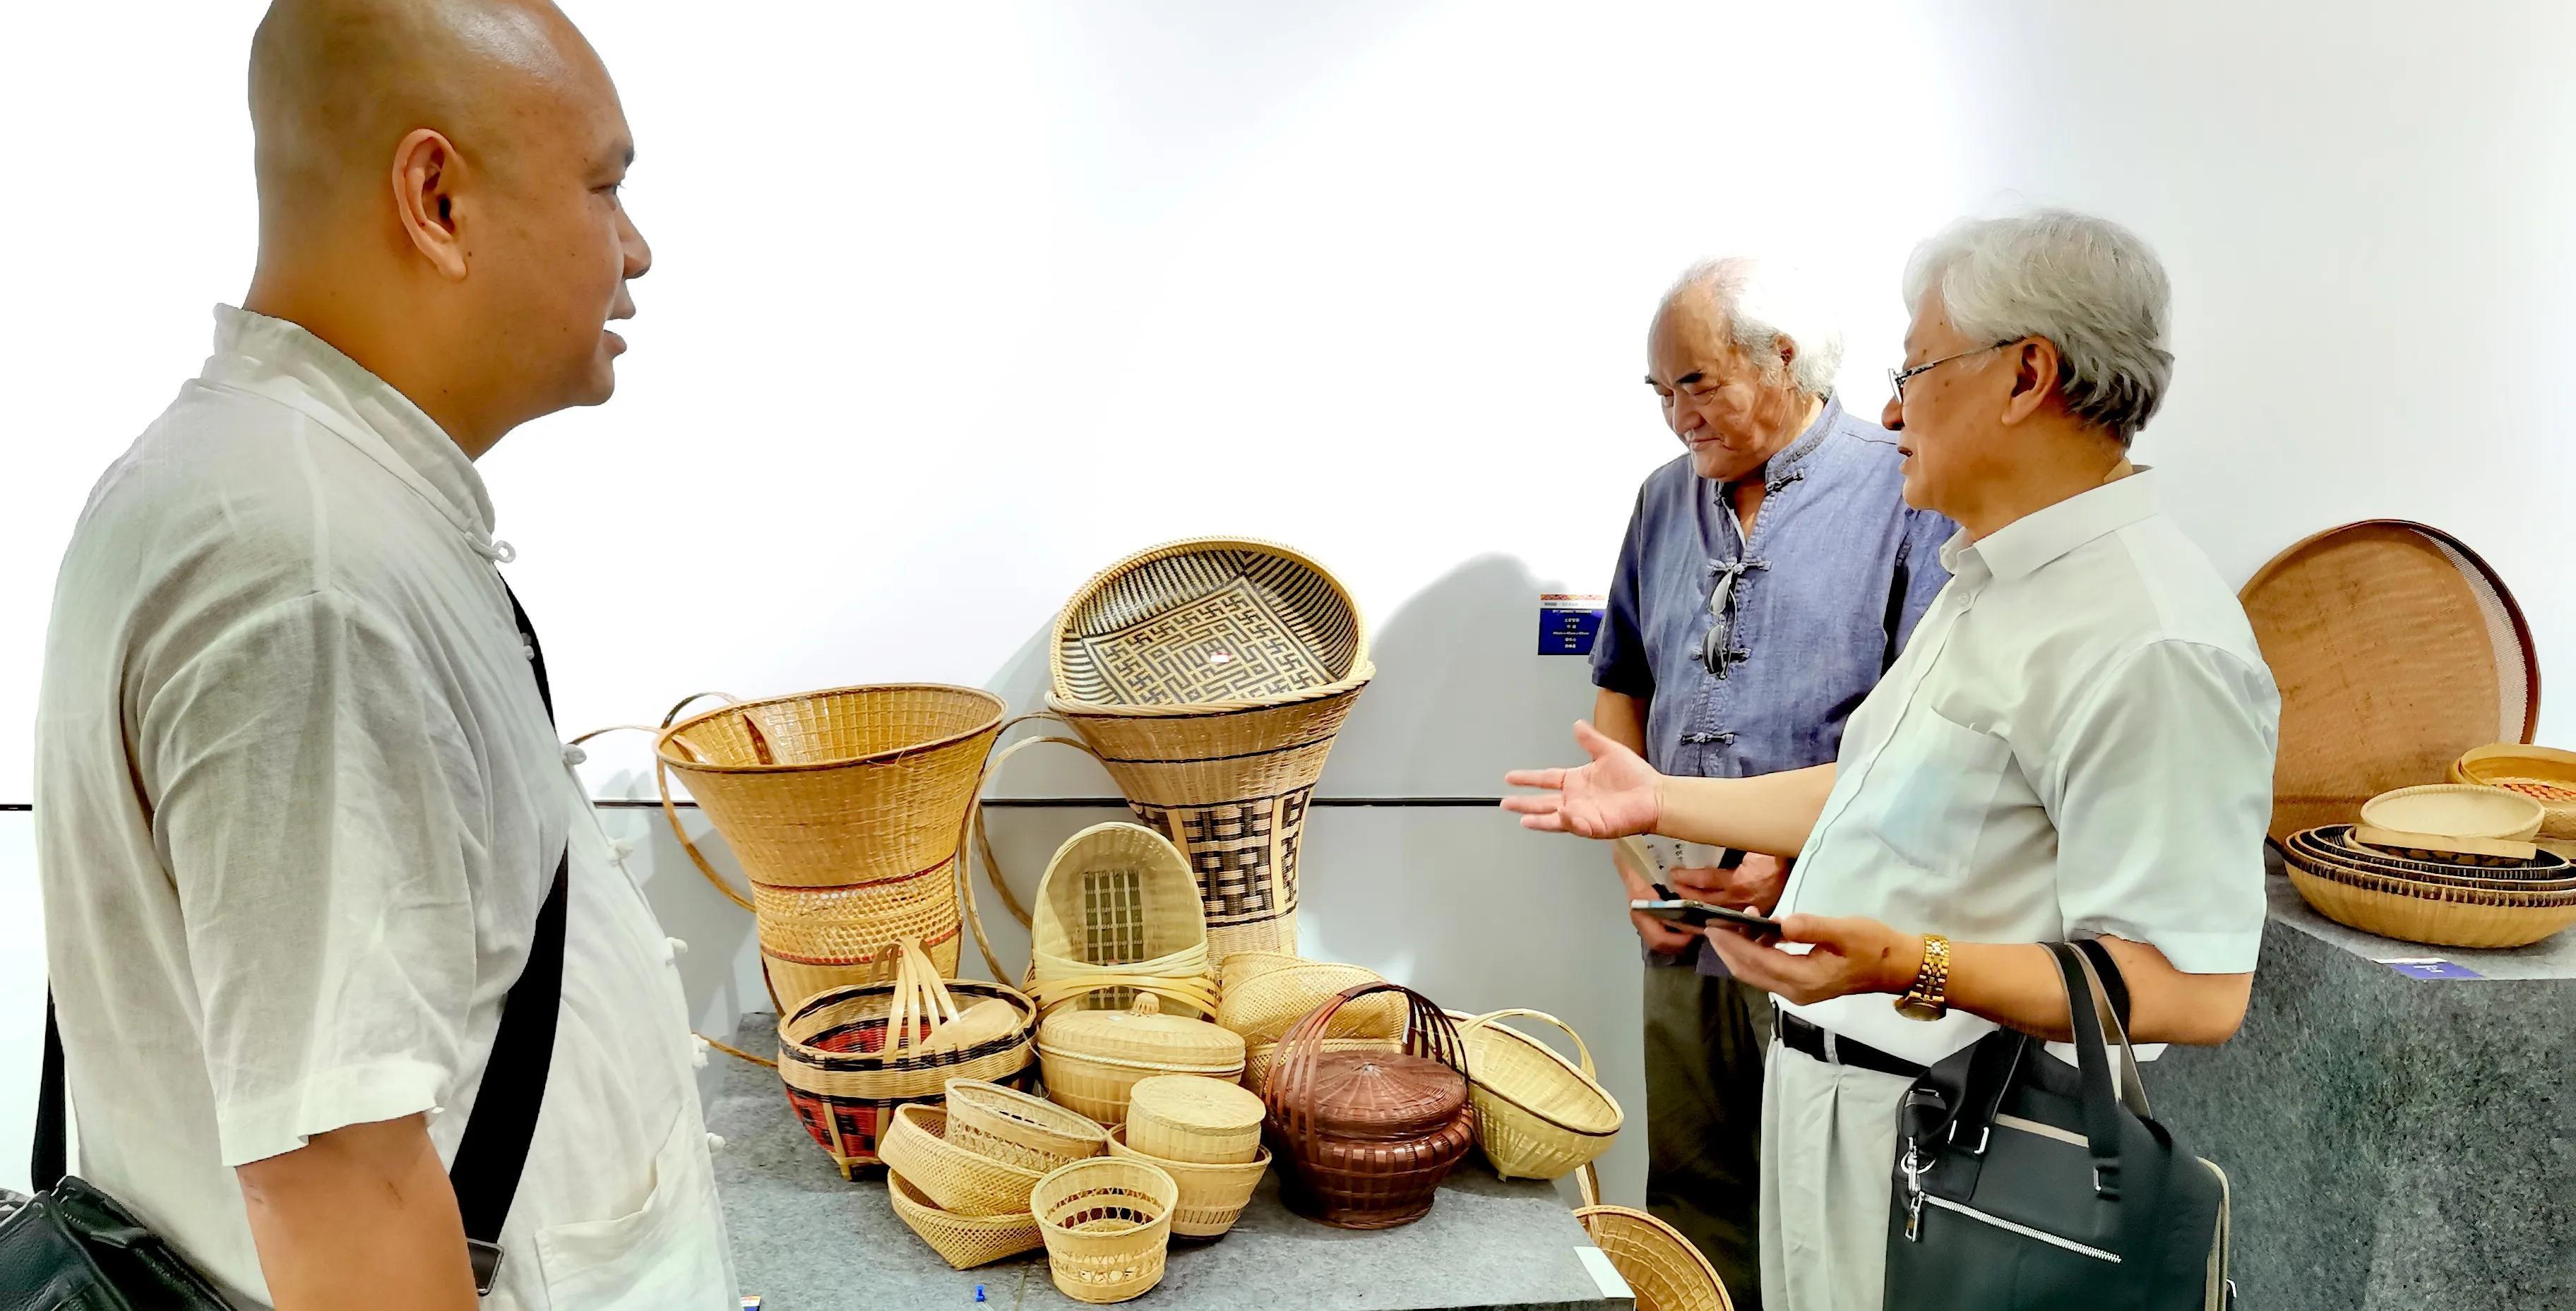 湖北宜昌:200件民间工艺美术作品亮展城区,家藏珍宝为旅游添彩